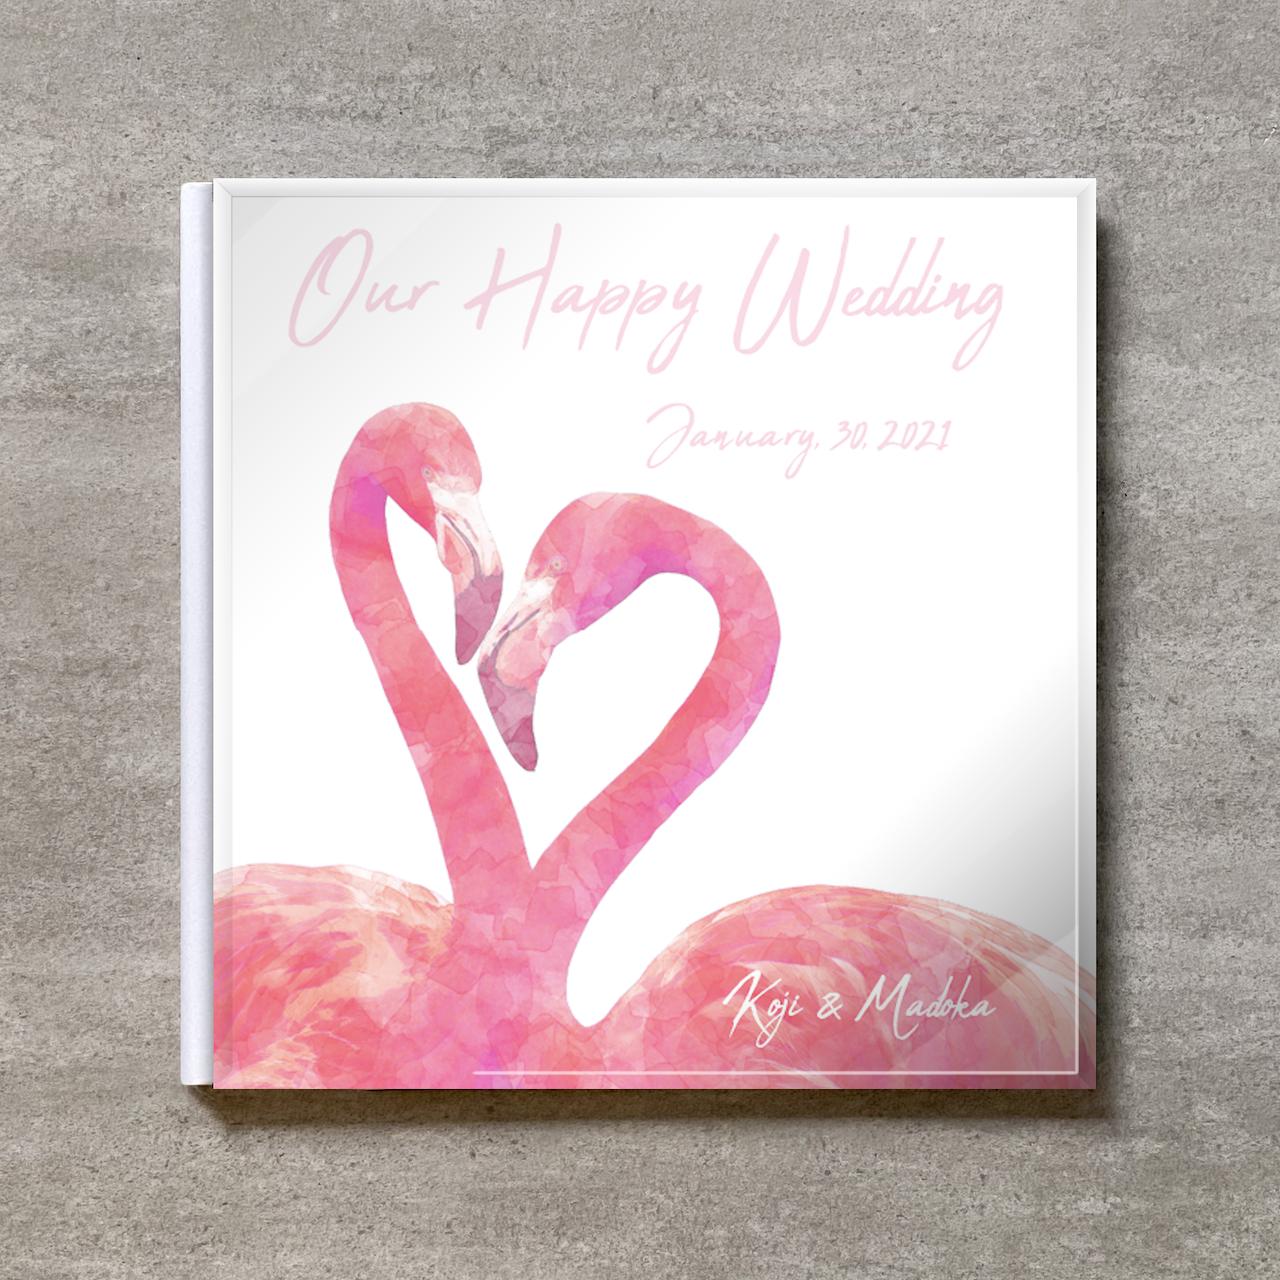 White Flamingo_250SQ_10ページ/20カット_クラシックアルバム(アクリルカバー)